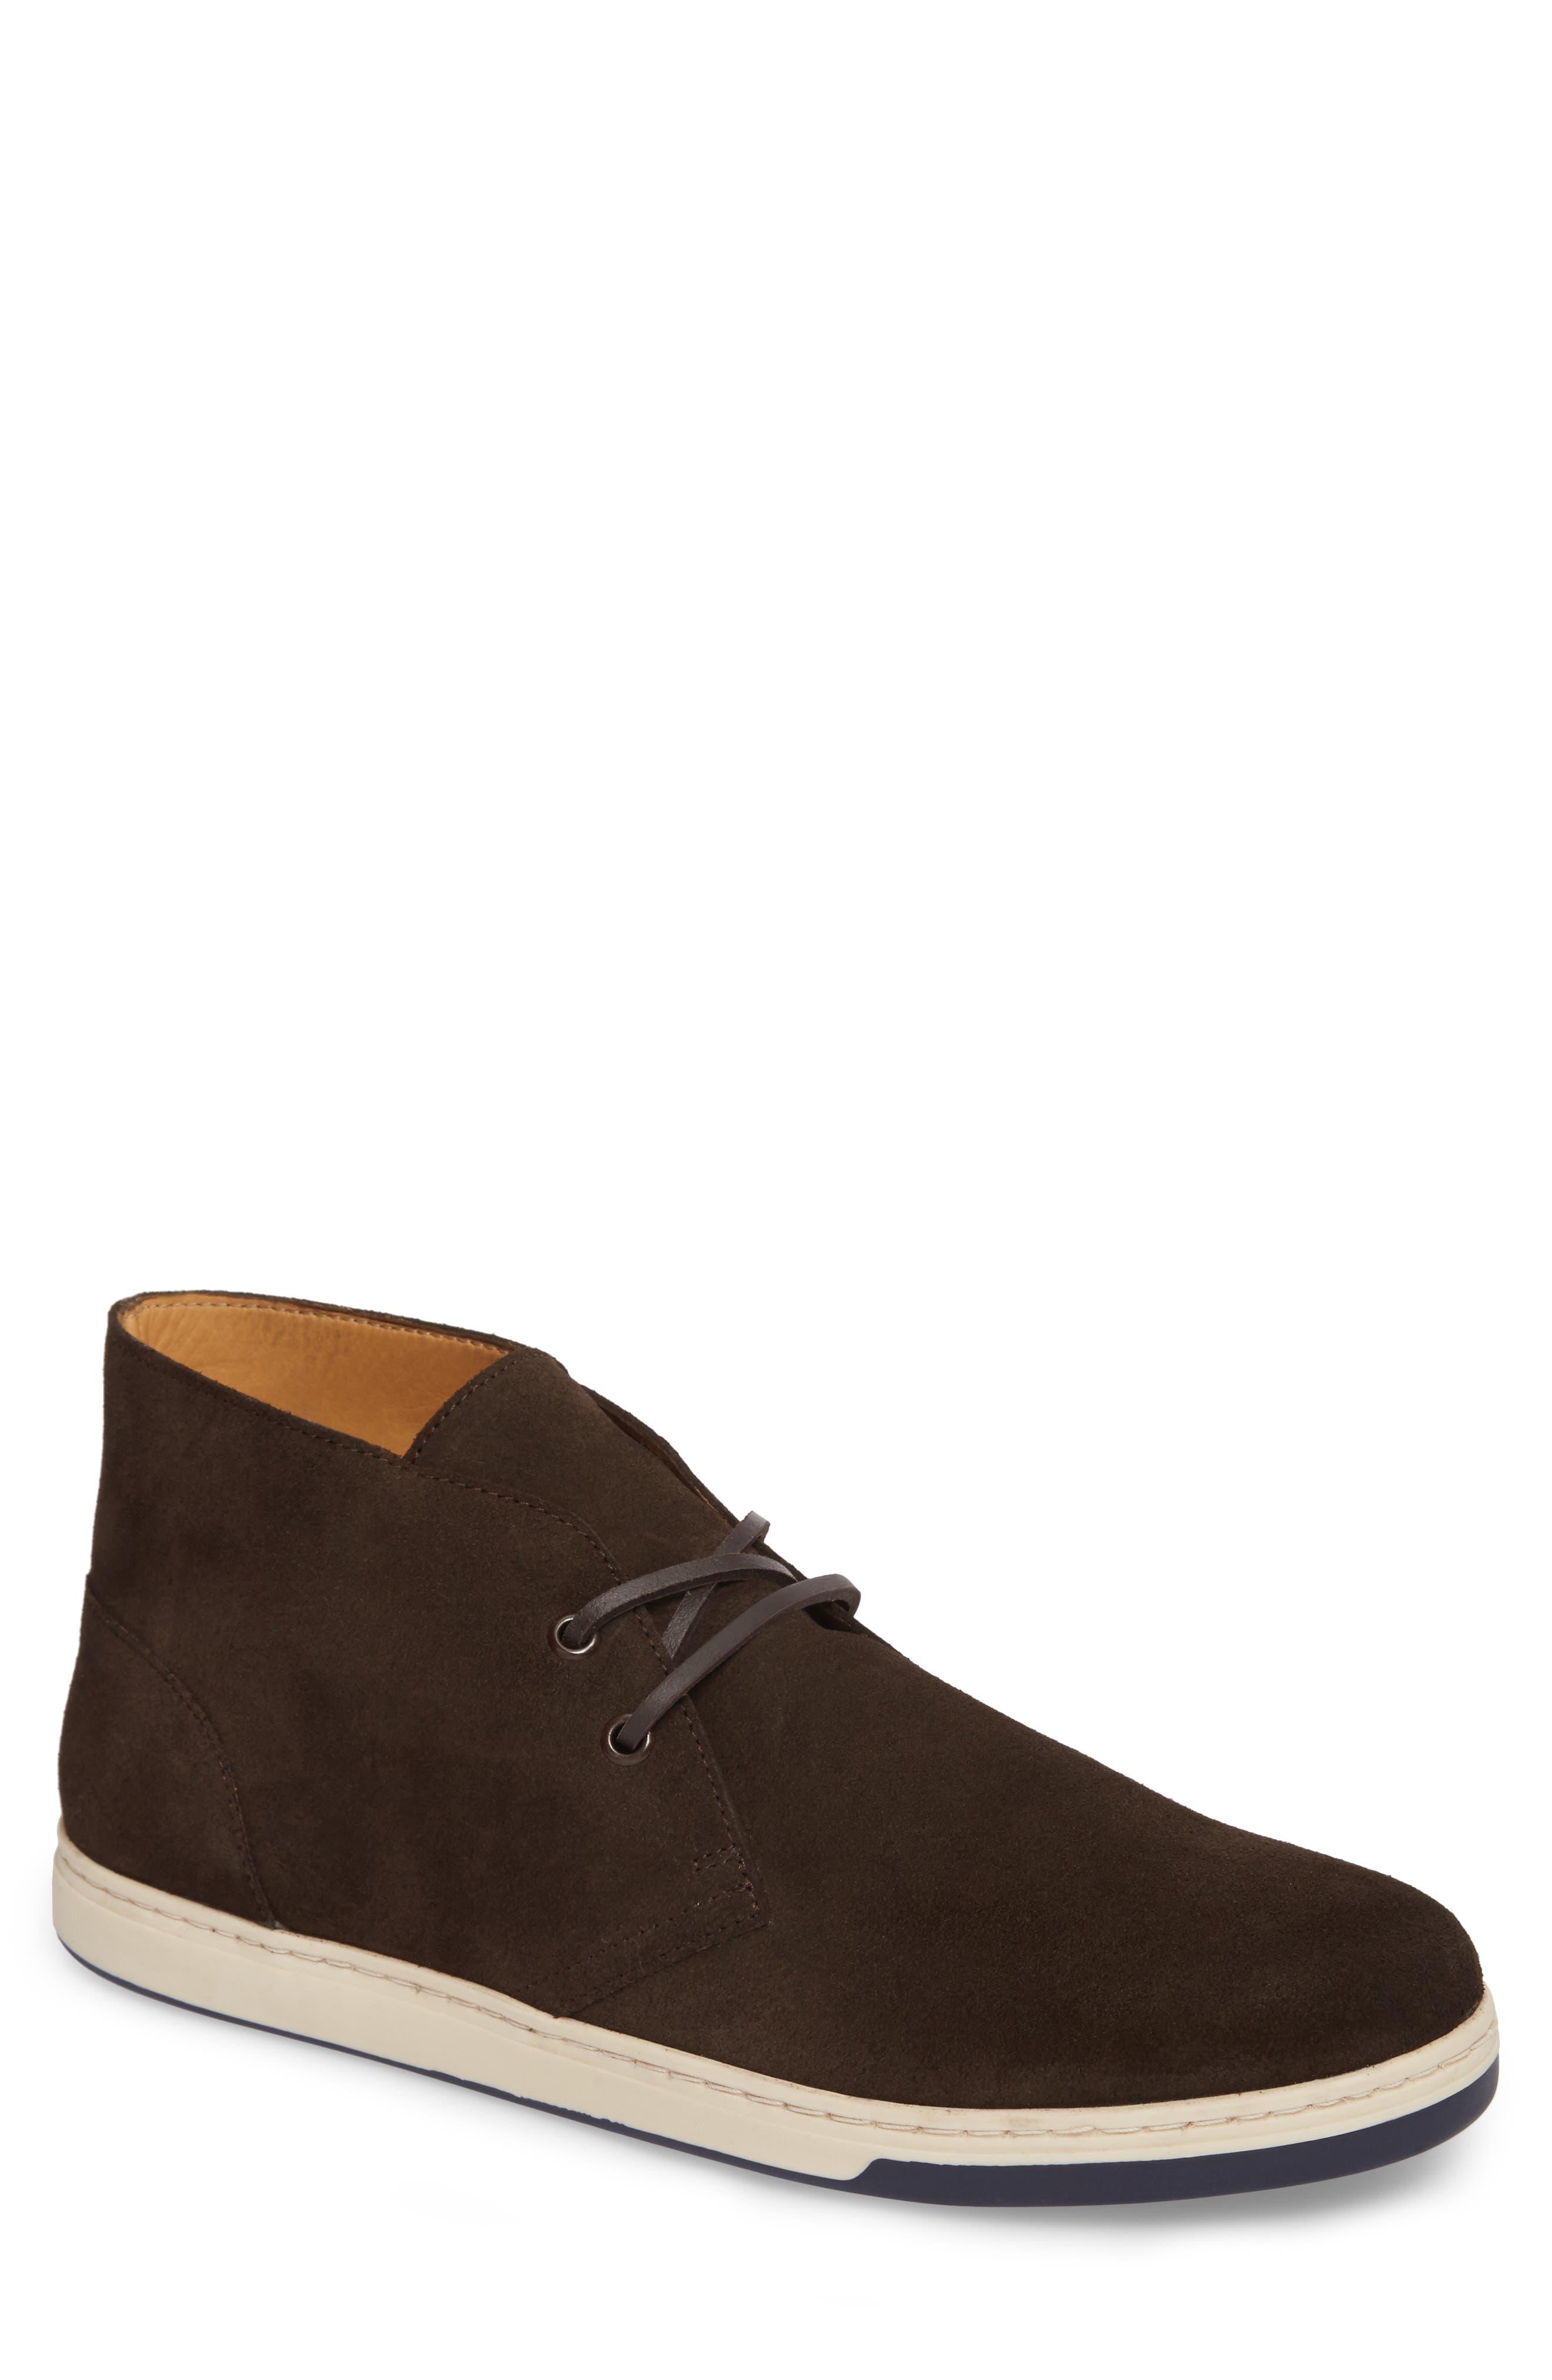 Main Image - Austen Heller Berkleys Sneaker (Men)